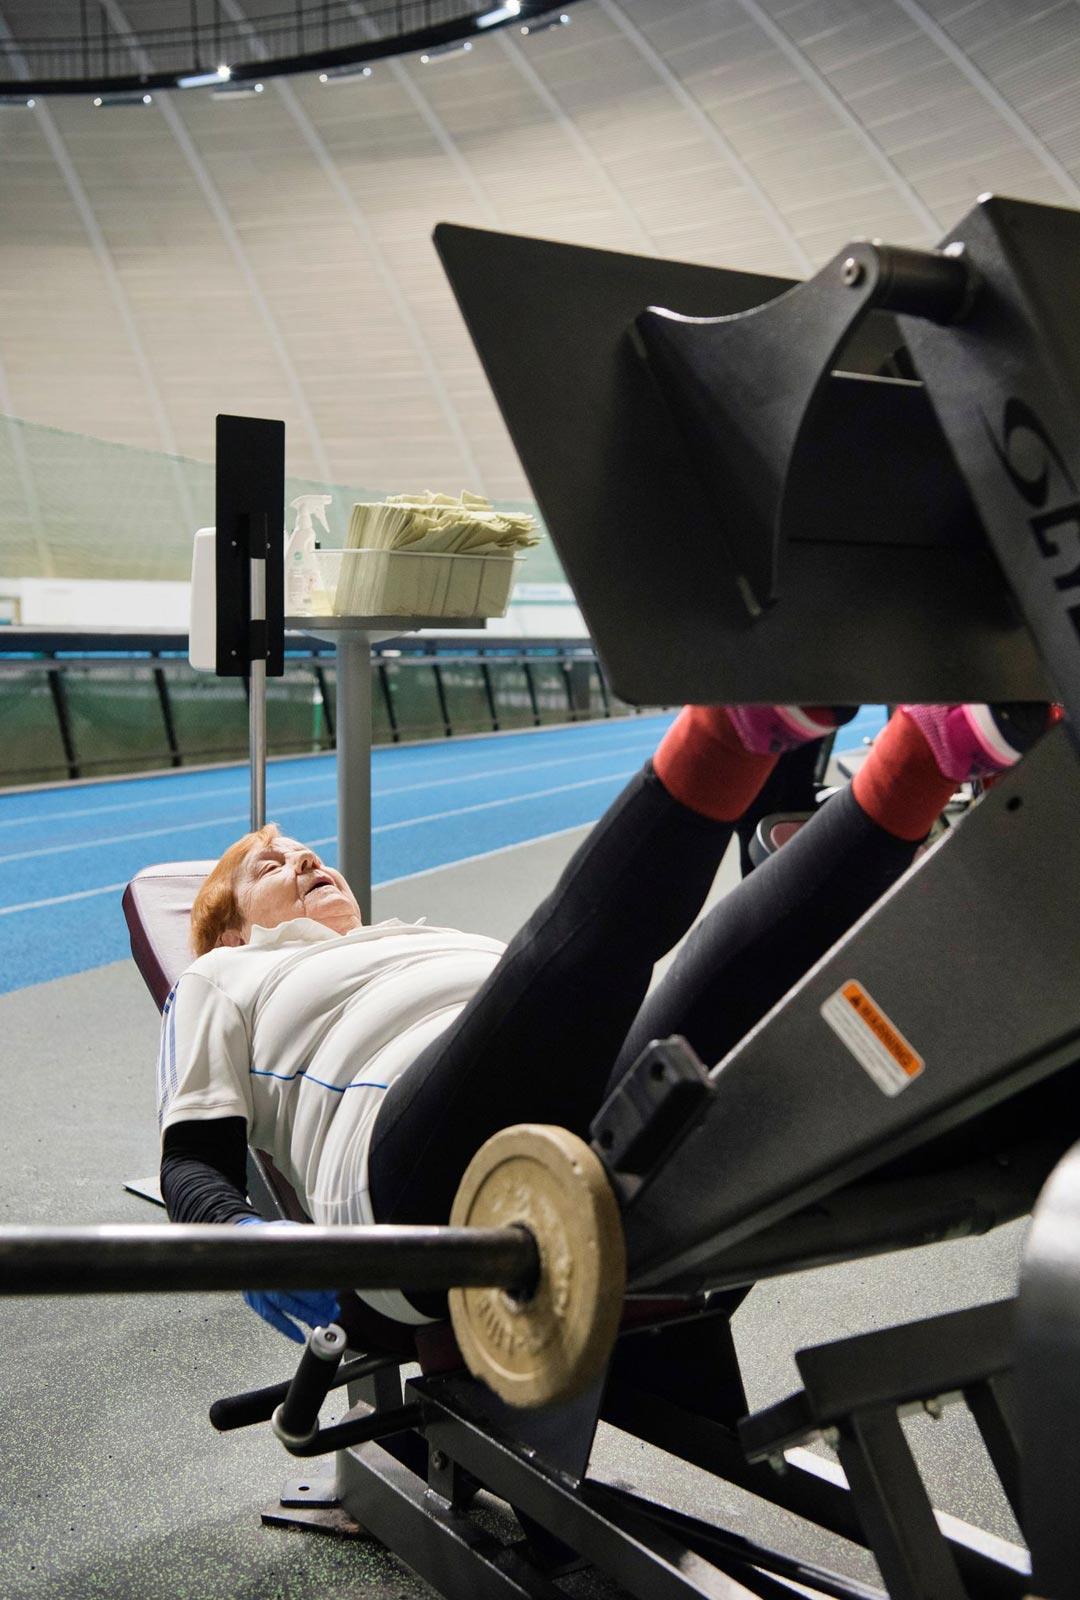 Vaijerit juoksevat ja painot kilahtelevat, kun Kyllikki treenaa jalkaprässissä.